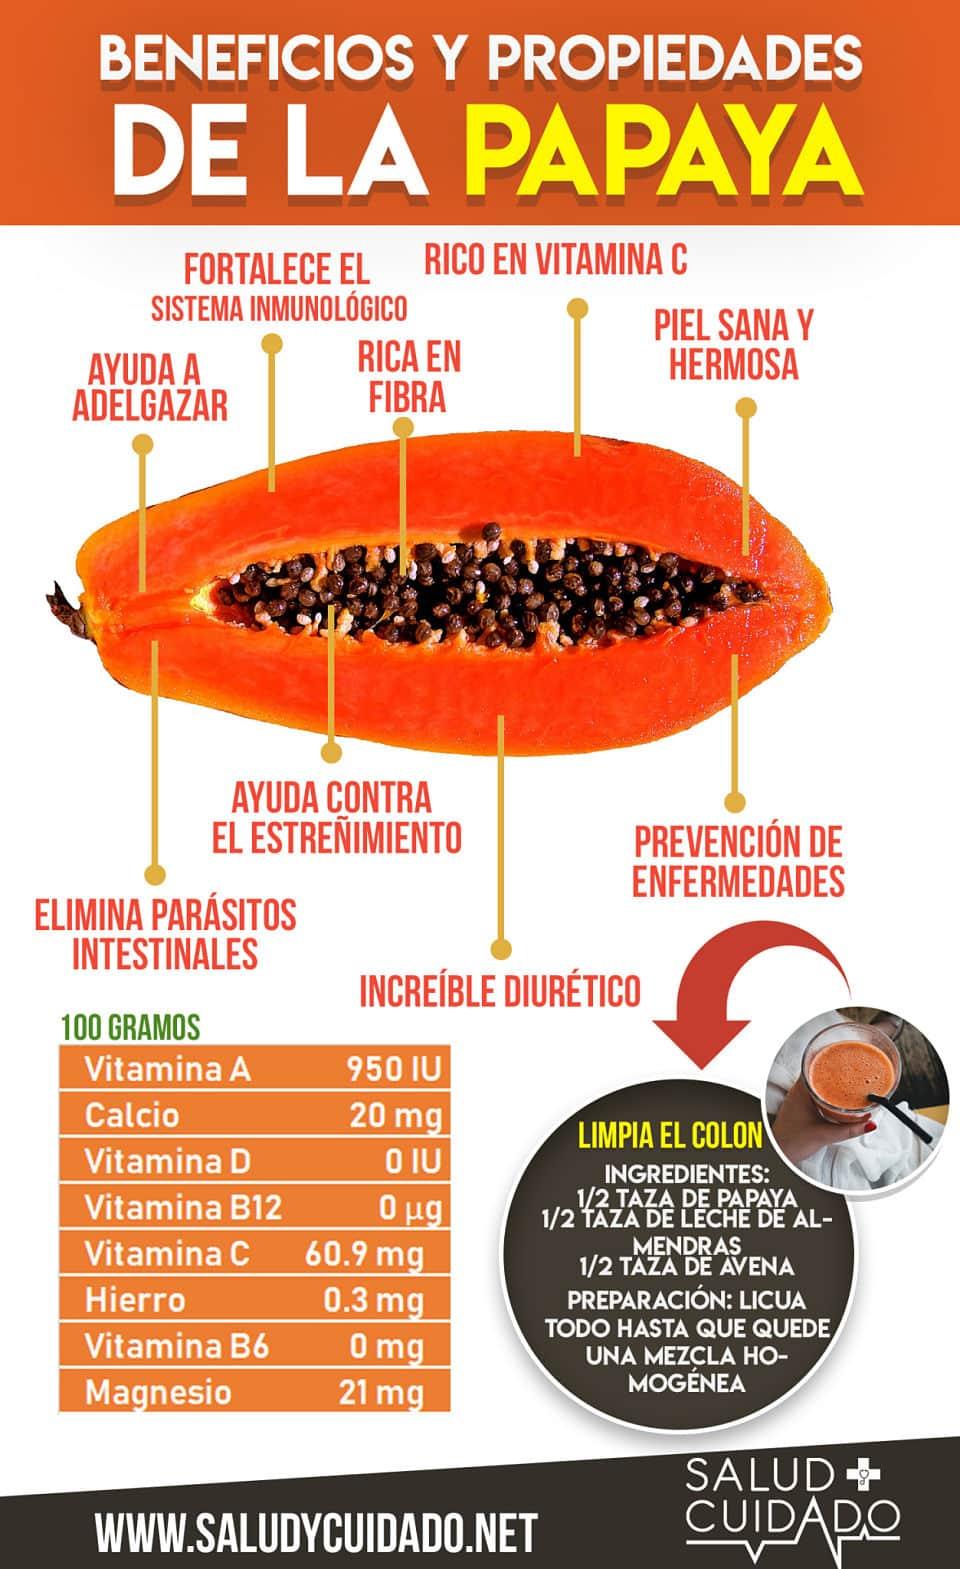 beneficios de la papaya y propiedades infografia